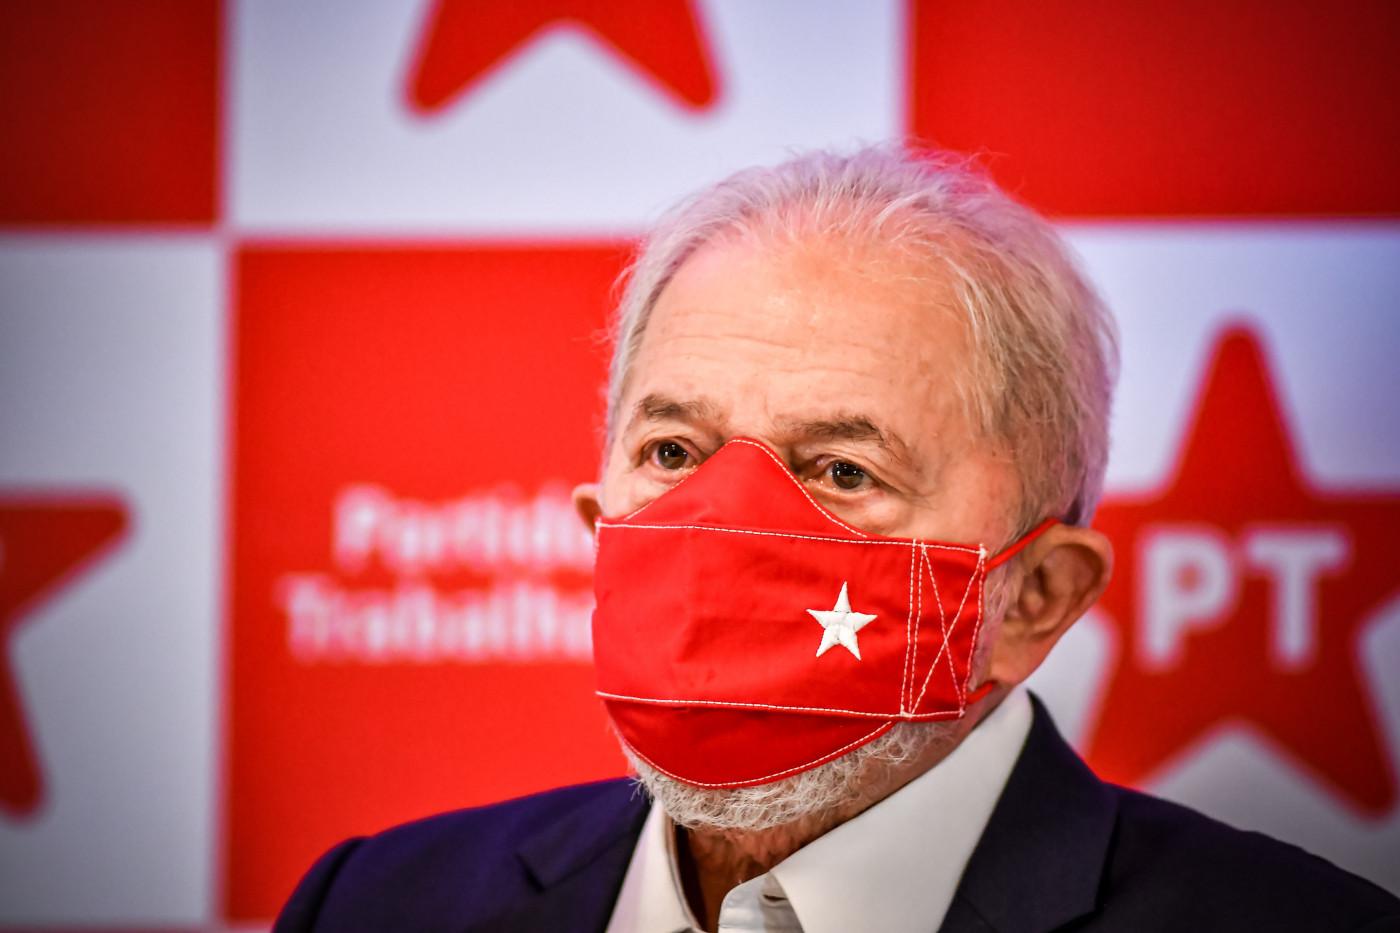 Ex-presidente Lula olhando para o horizonte com uma máscara de proteção vermelha com uma estrela branca. Atrás, logos do PT